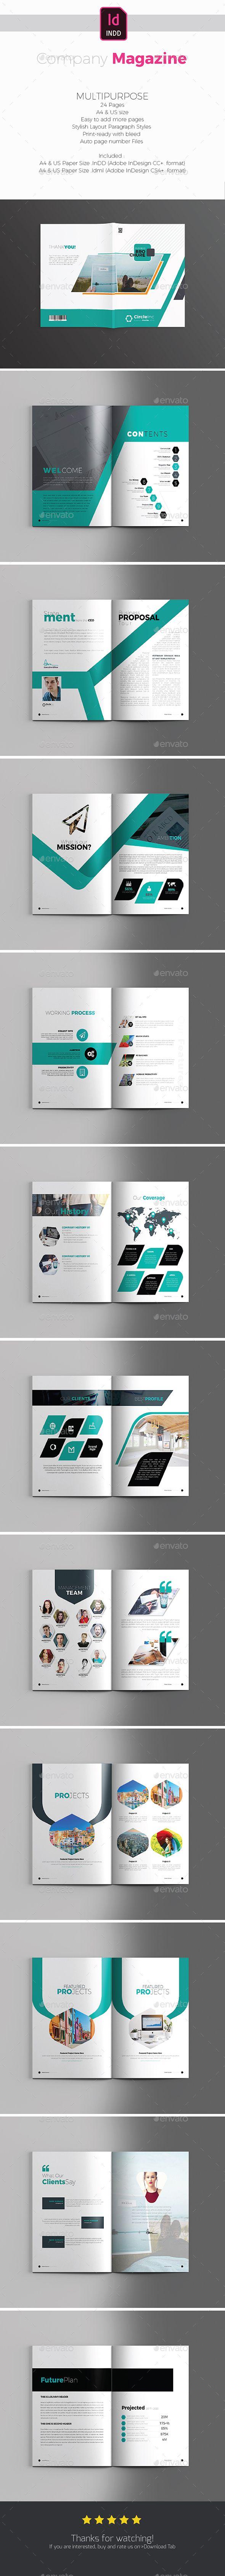 Corporate Magazine Vol3 519 best Proposal u0026